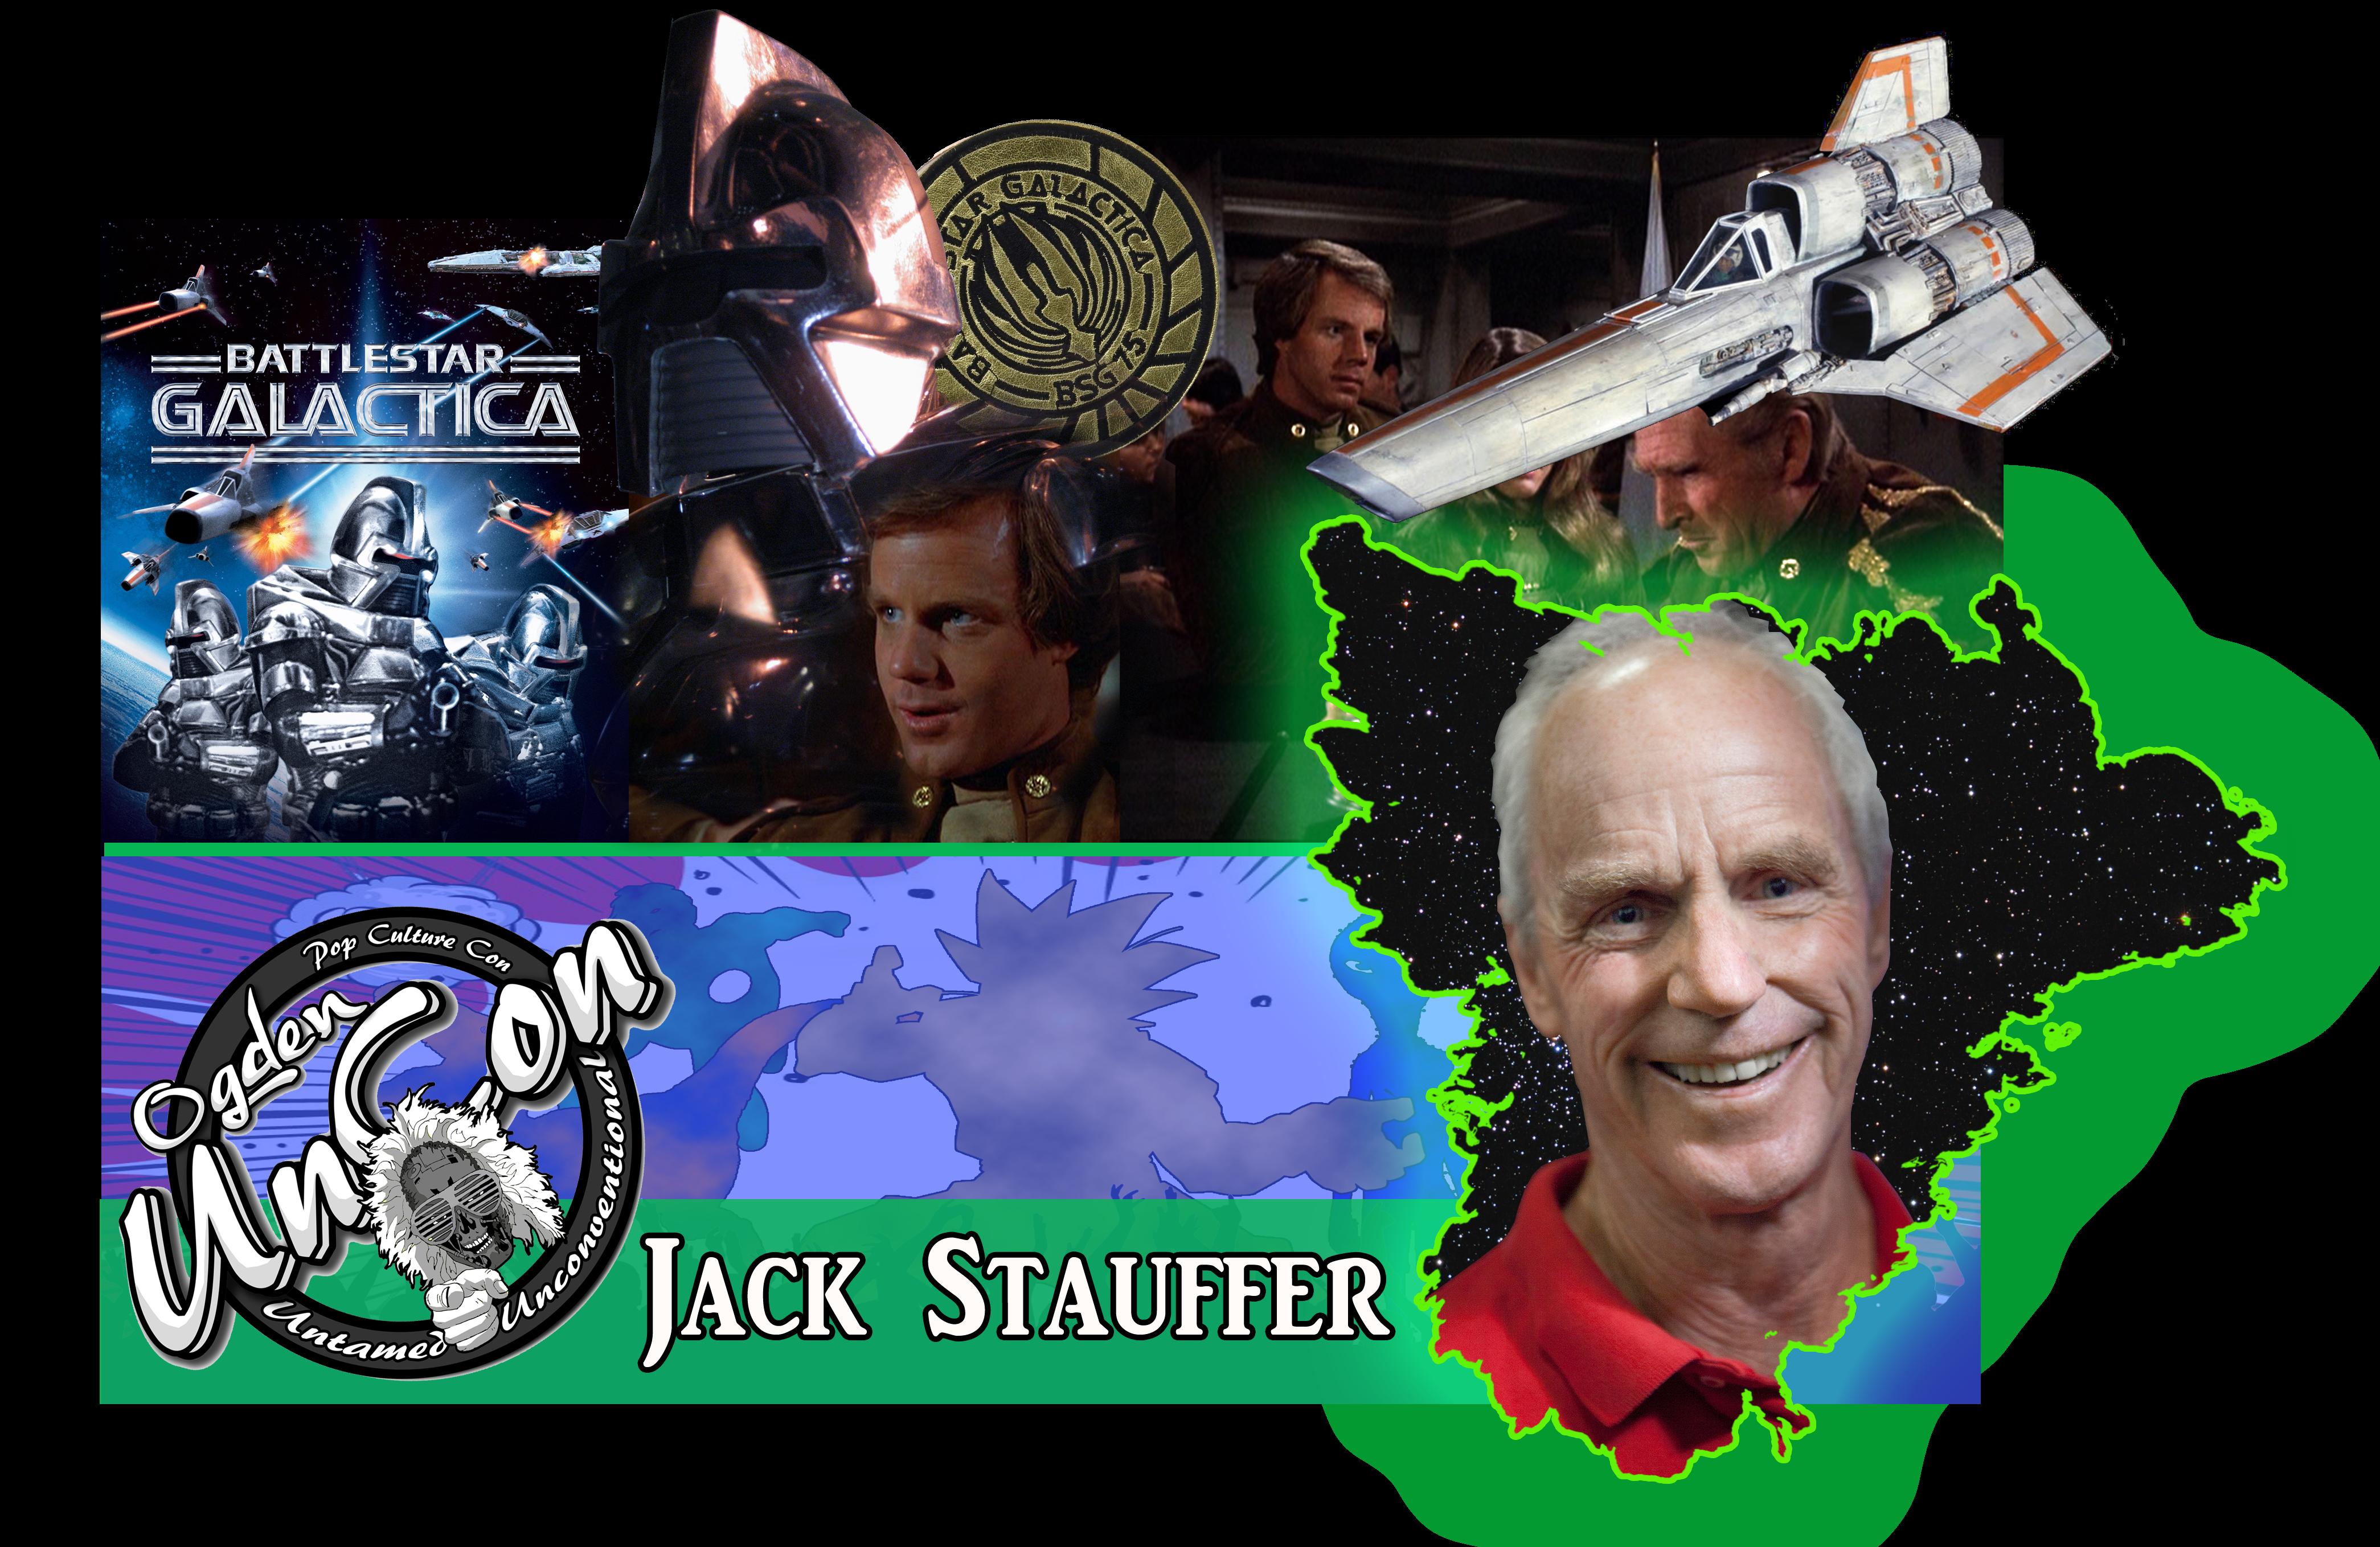 https://0201.nccdn.net/4_2/000/000/01e/76f/Jack-Stauffer-OUC-4179x2717.png